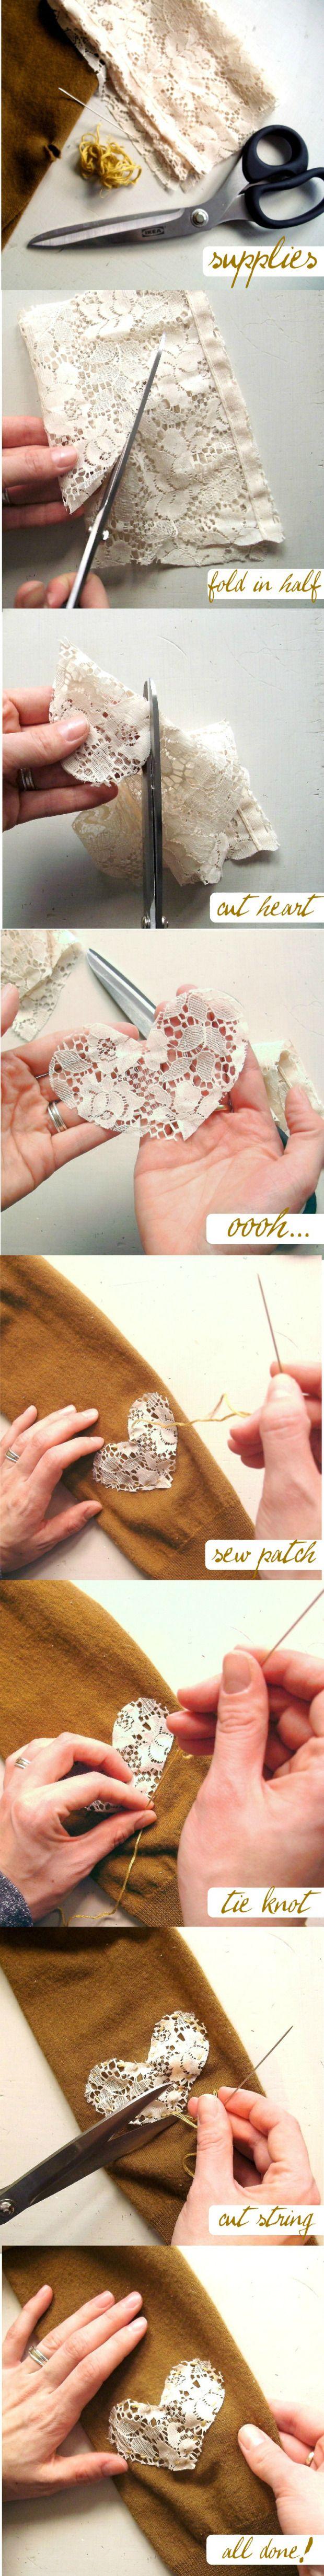 DIY Love Patch for your shirt - Ein einfacher und hübscher Flick für deinen Pullover